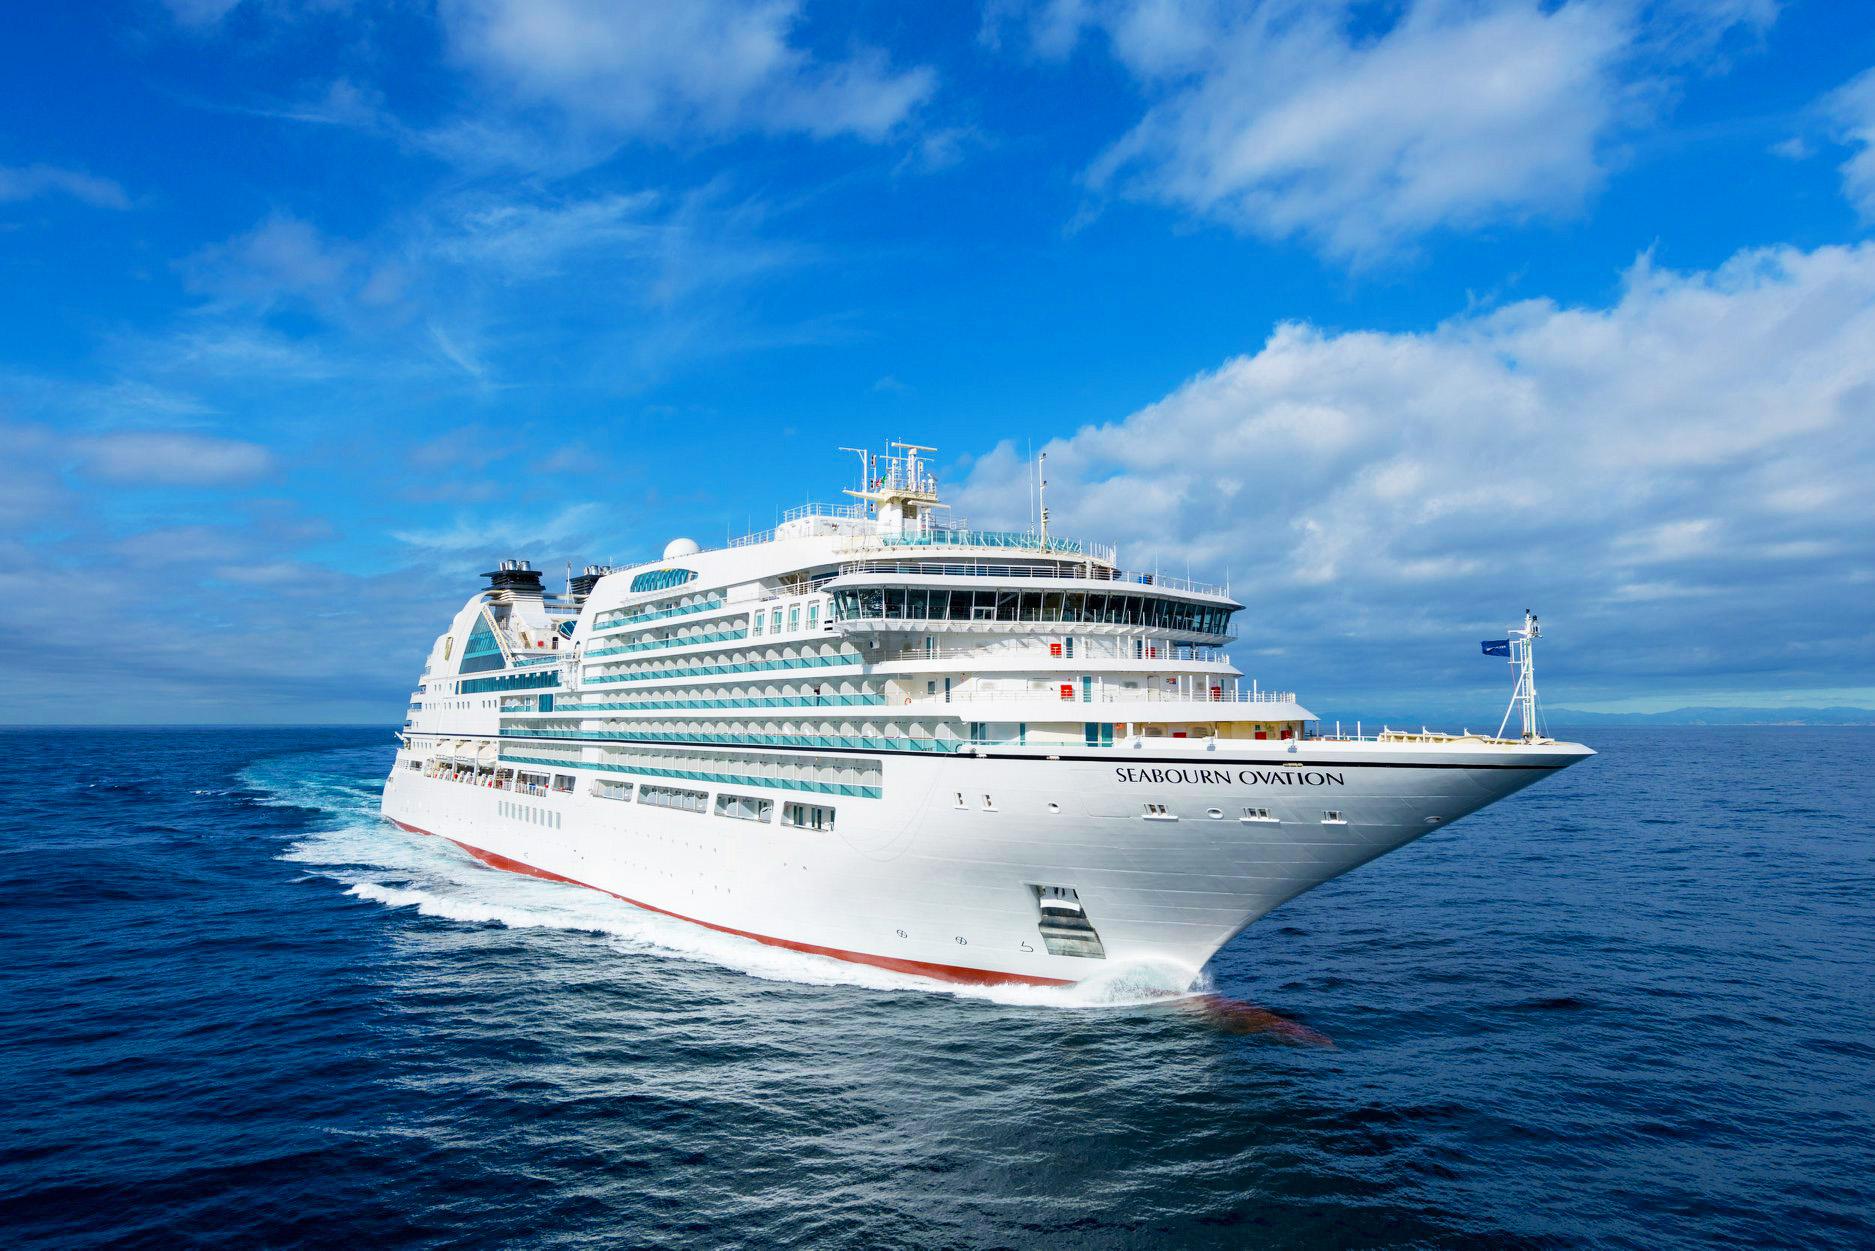 تور کشتی آنتالیا، تجربه ی دل انگیز یک روز تابستانی